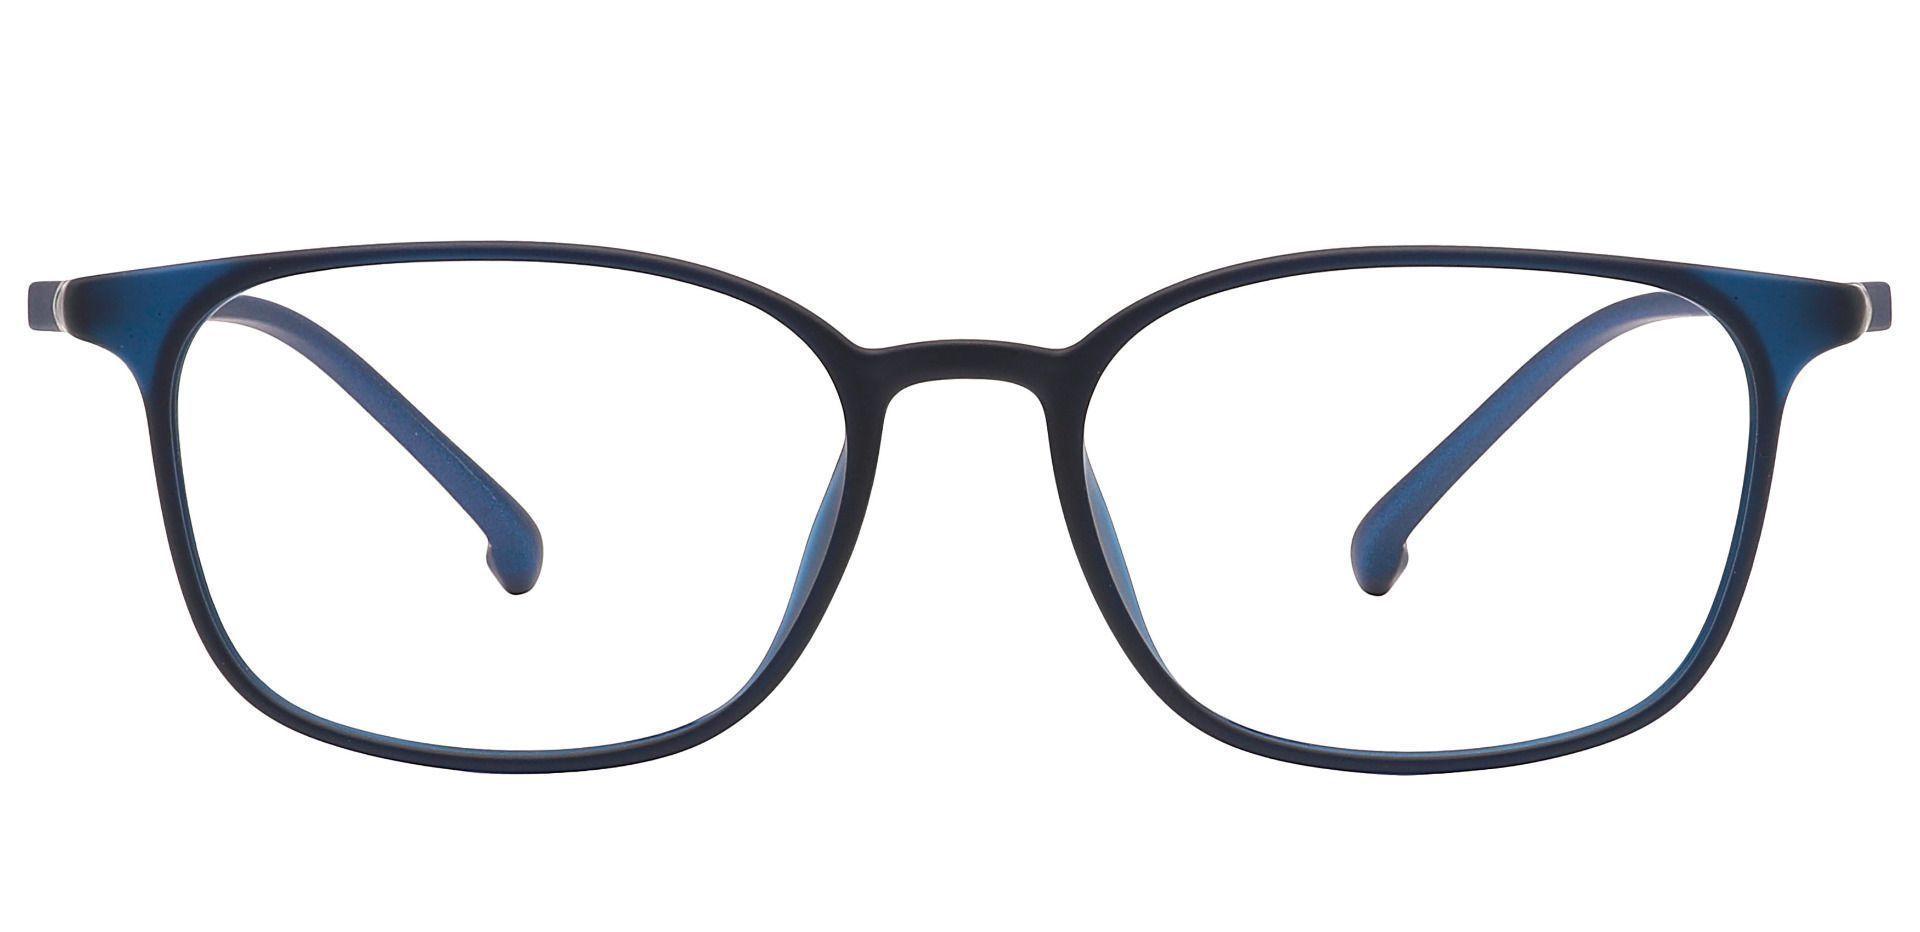 Alston Square Prescription Glasses - Blue